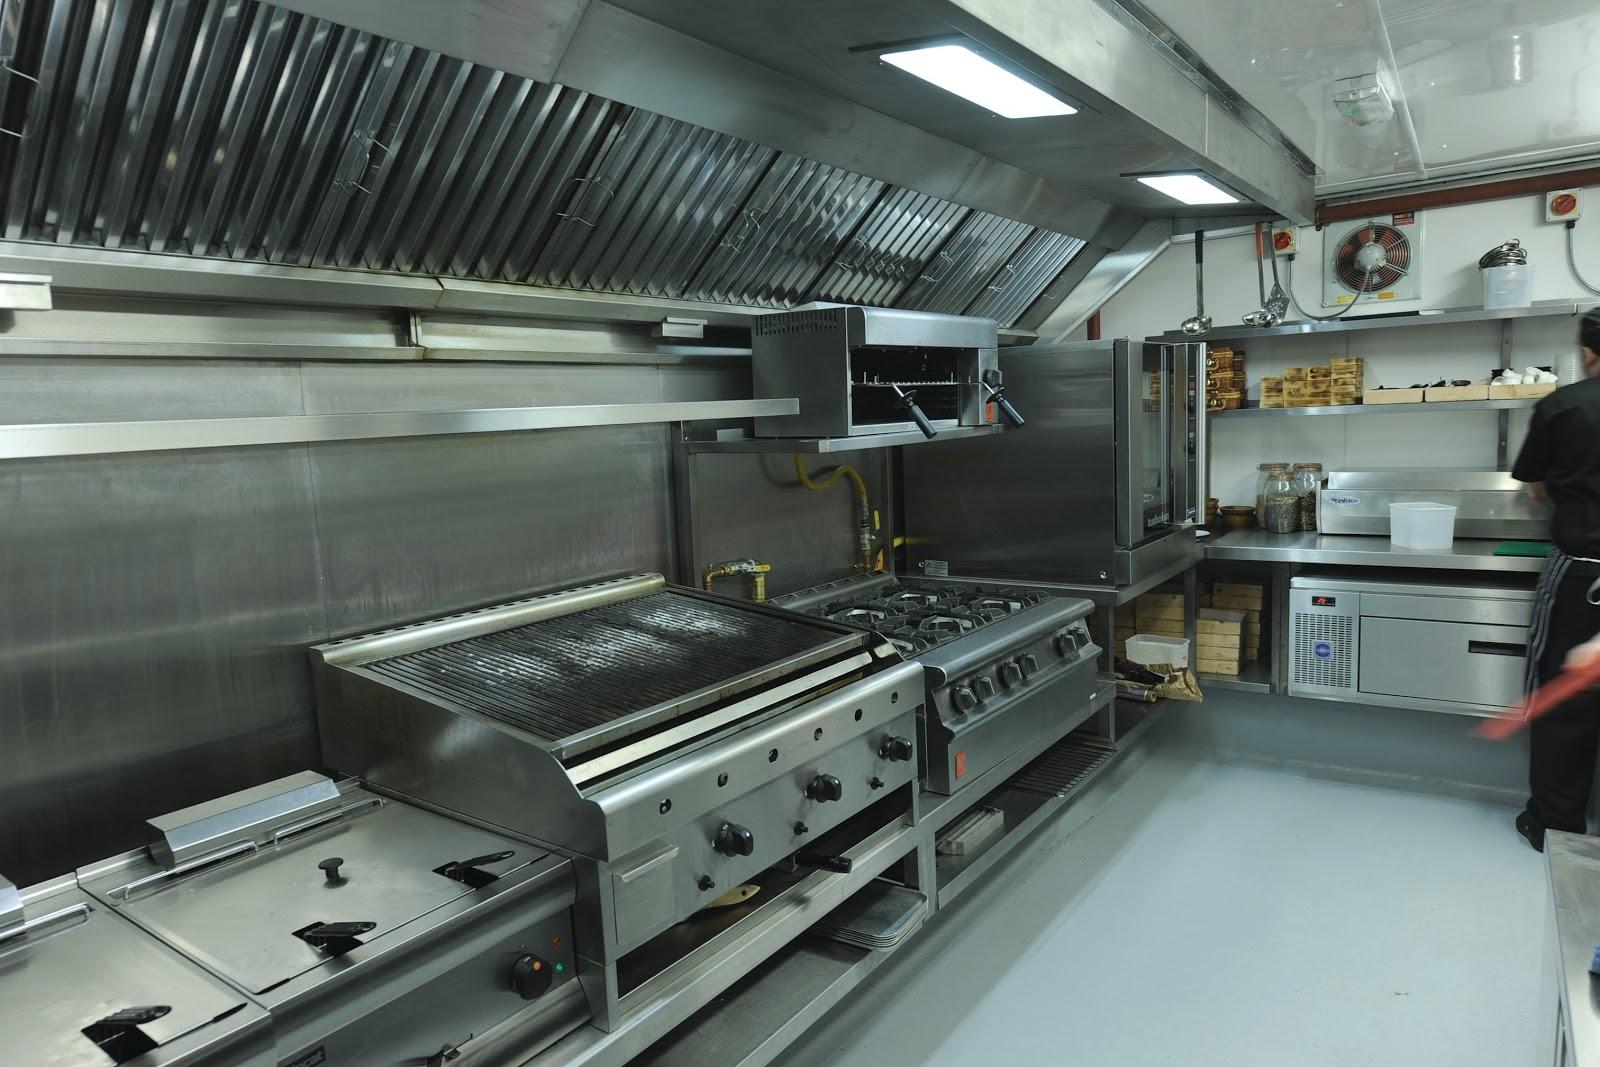 Burger Restaurant Kitchen Equipment